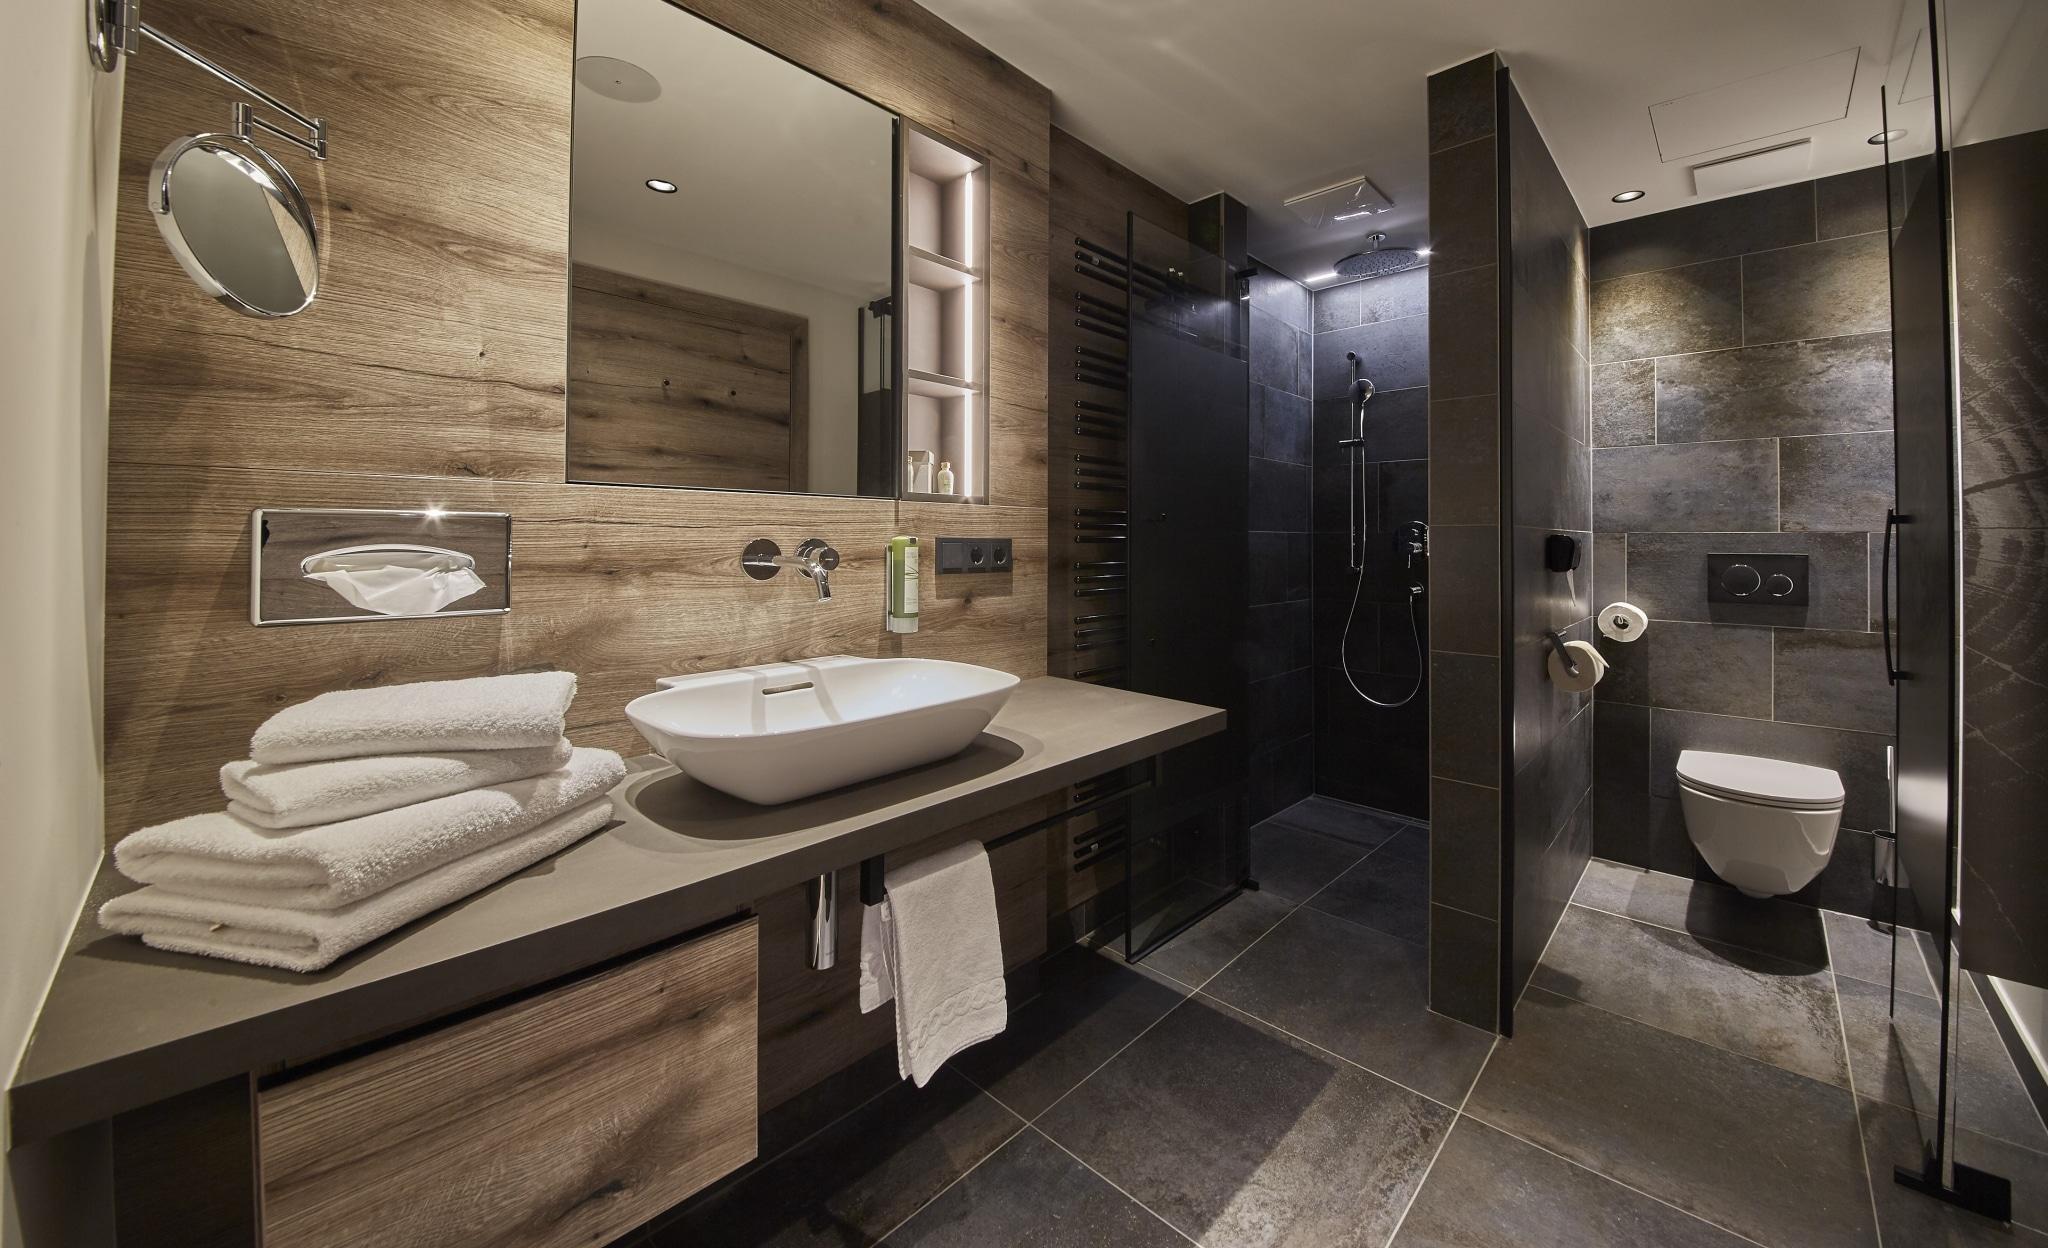 Bad im Studio Hochtor mit Wachbecken, Dusche und WC